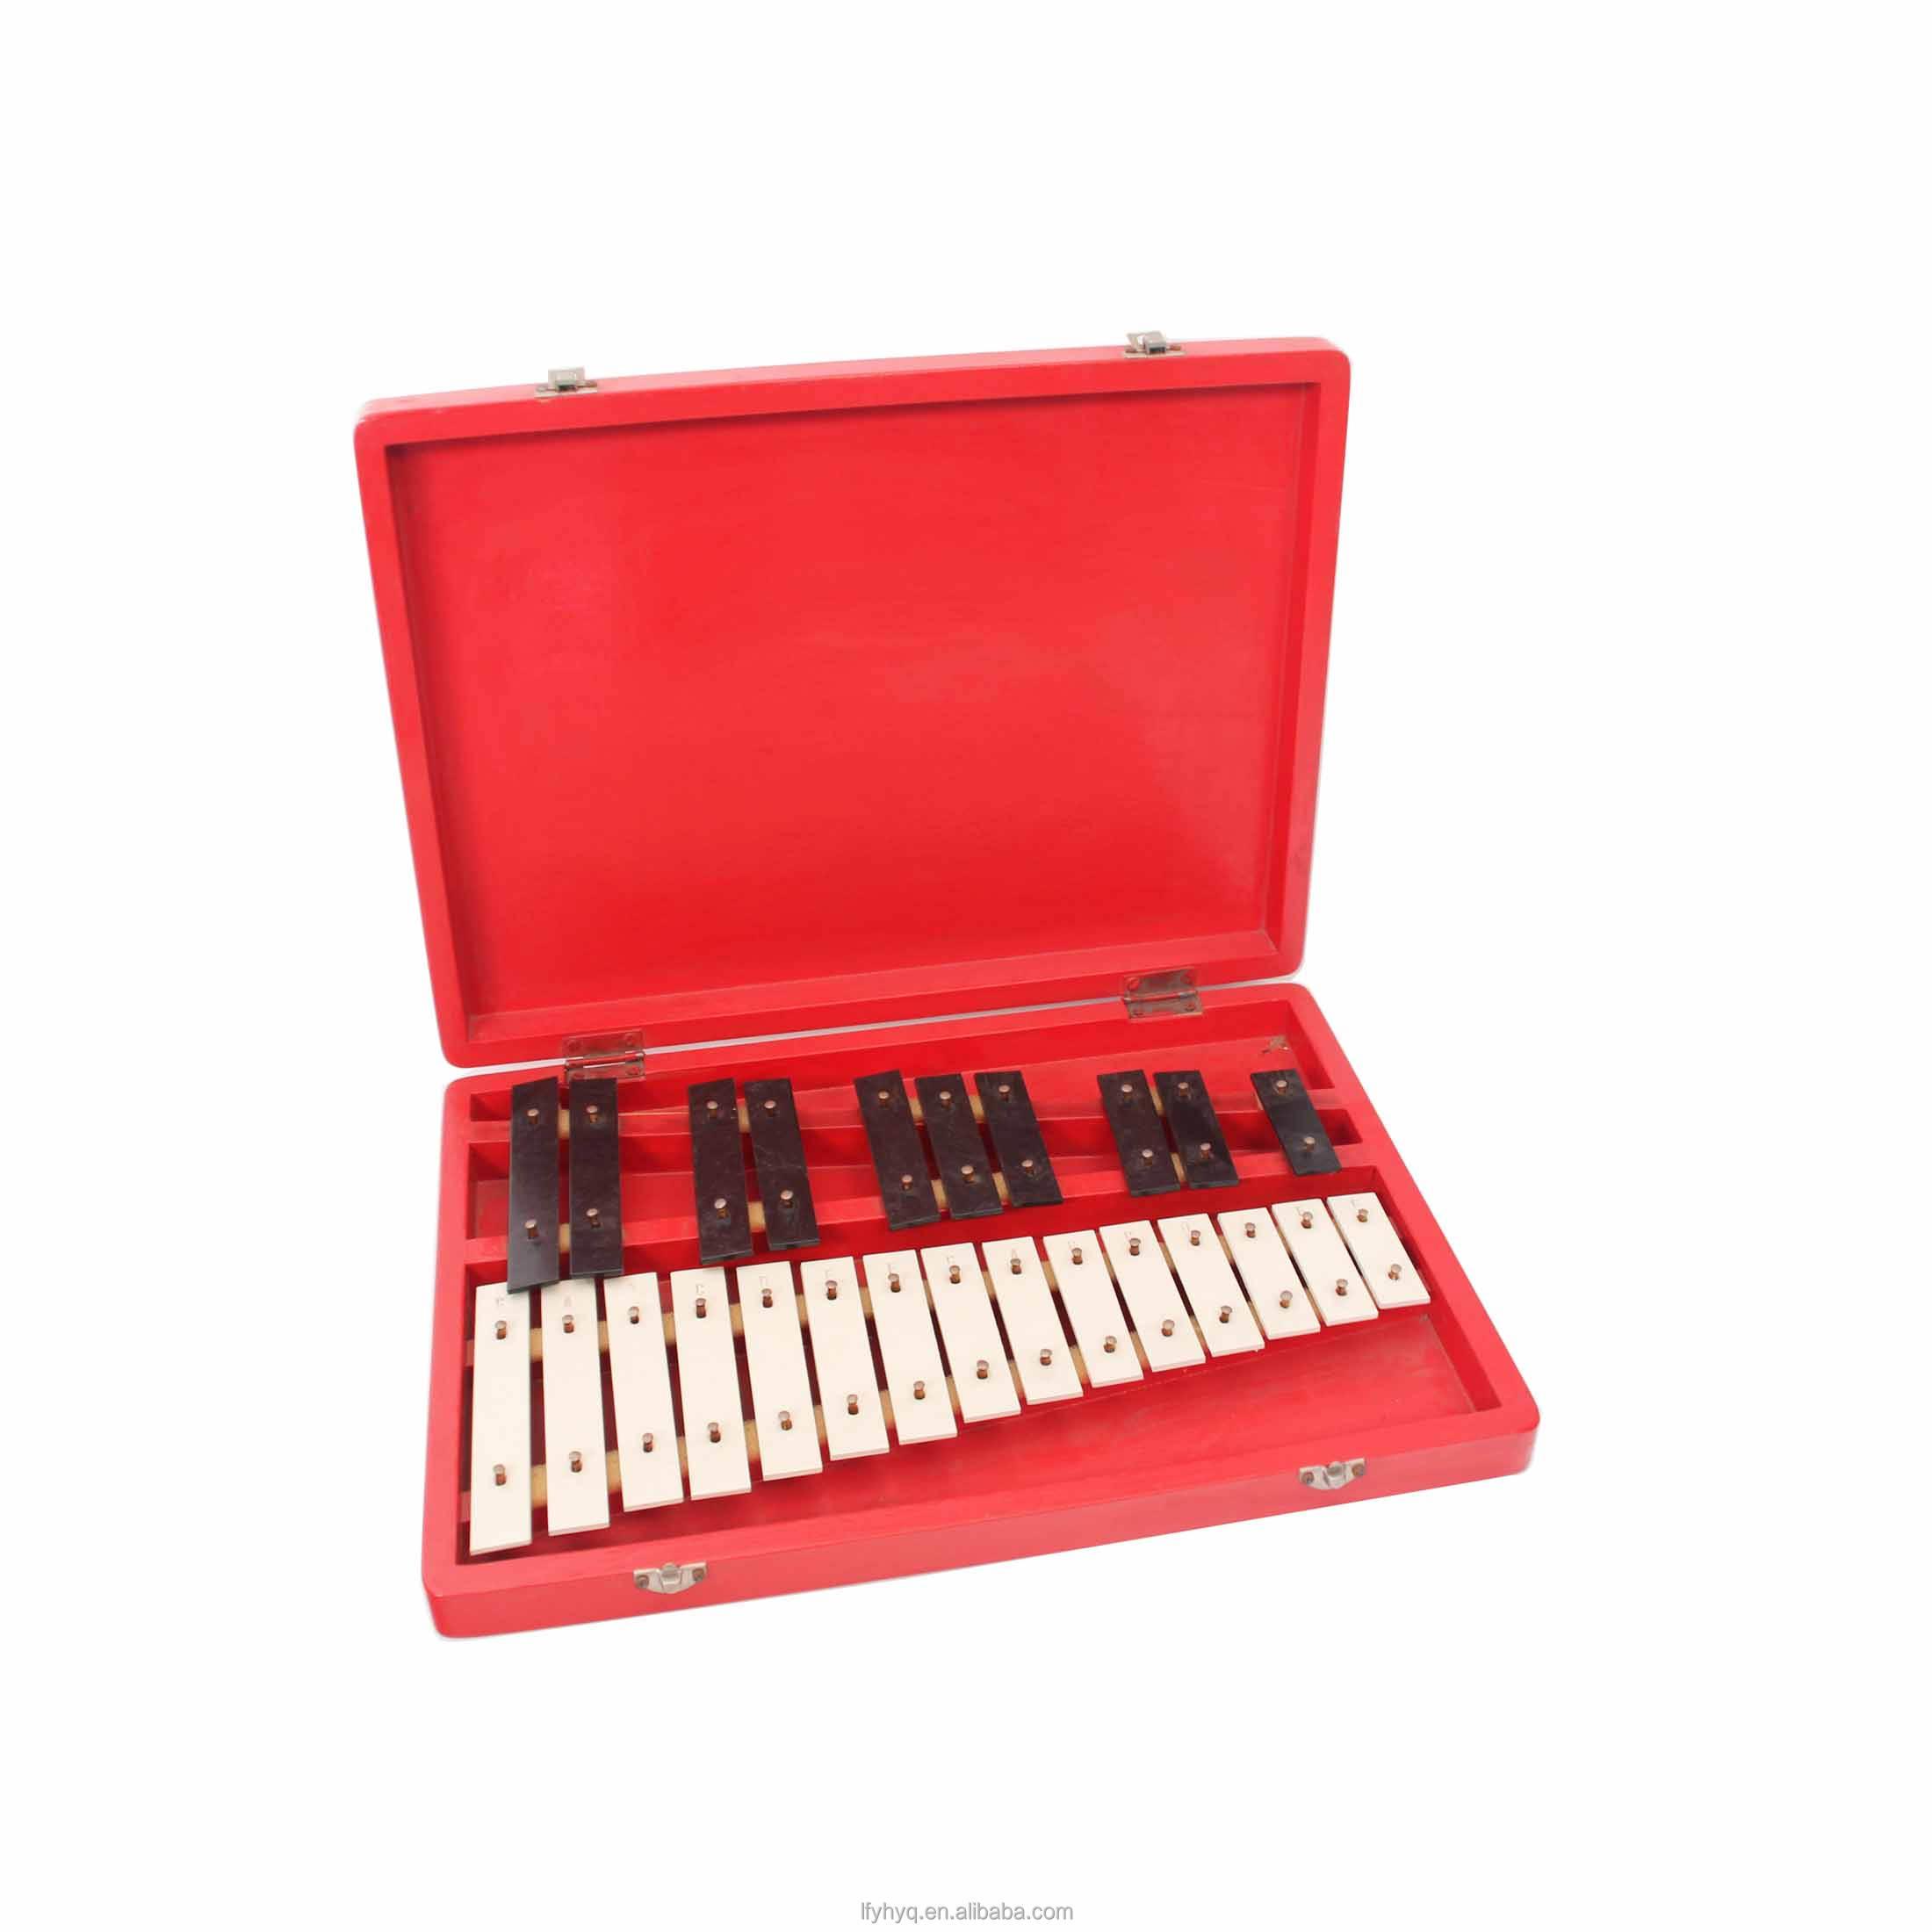 Giá rẻ xylophone 25 phím glockenspiel đồ chơi đàn piano